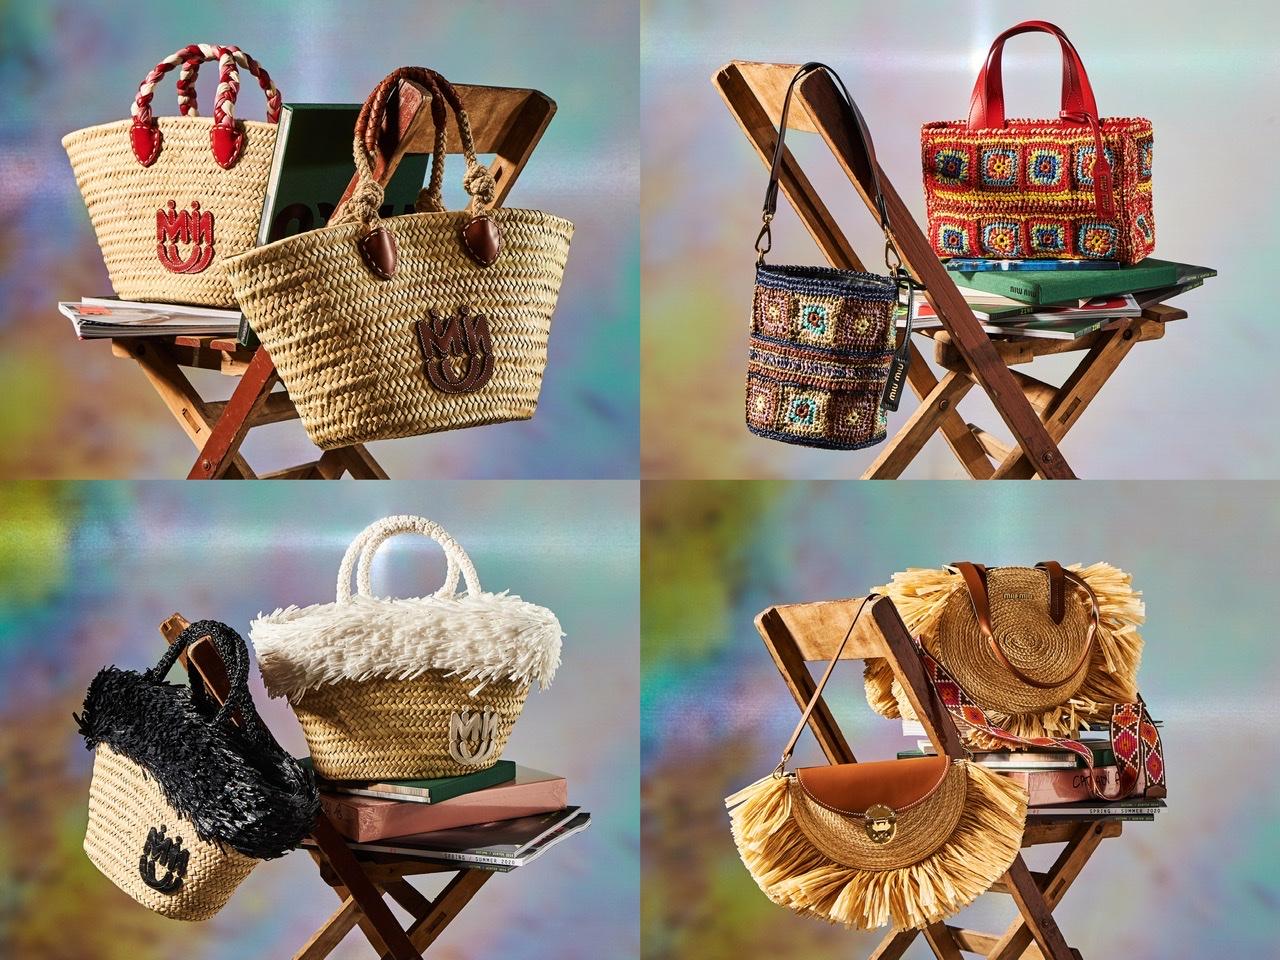 『ミュウミュウ』夏の新作はロマンチック&ノスタルジー♡ バスケットバッグやクロシェバッグも!_1